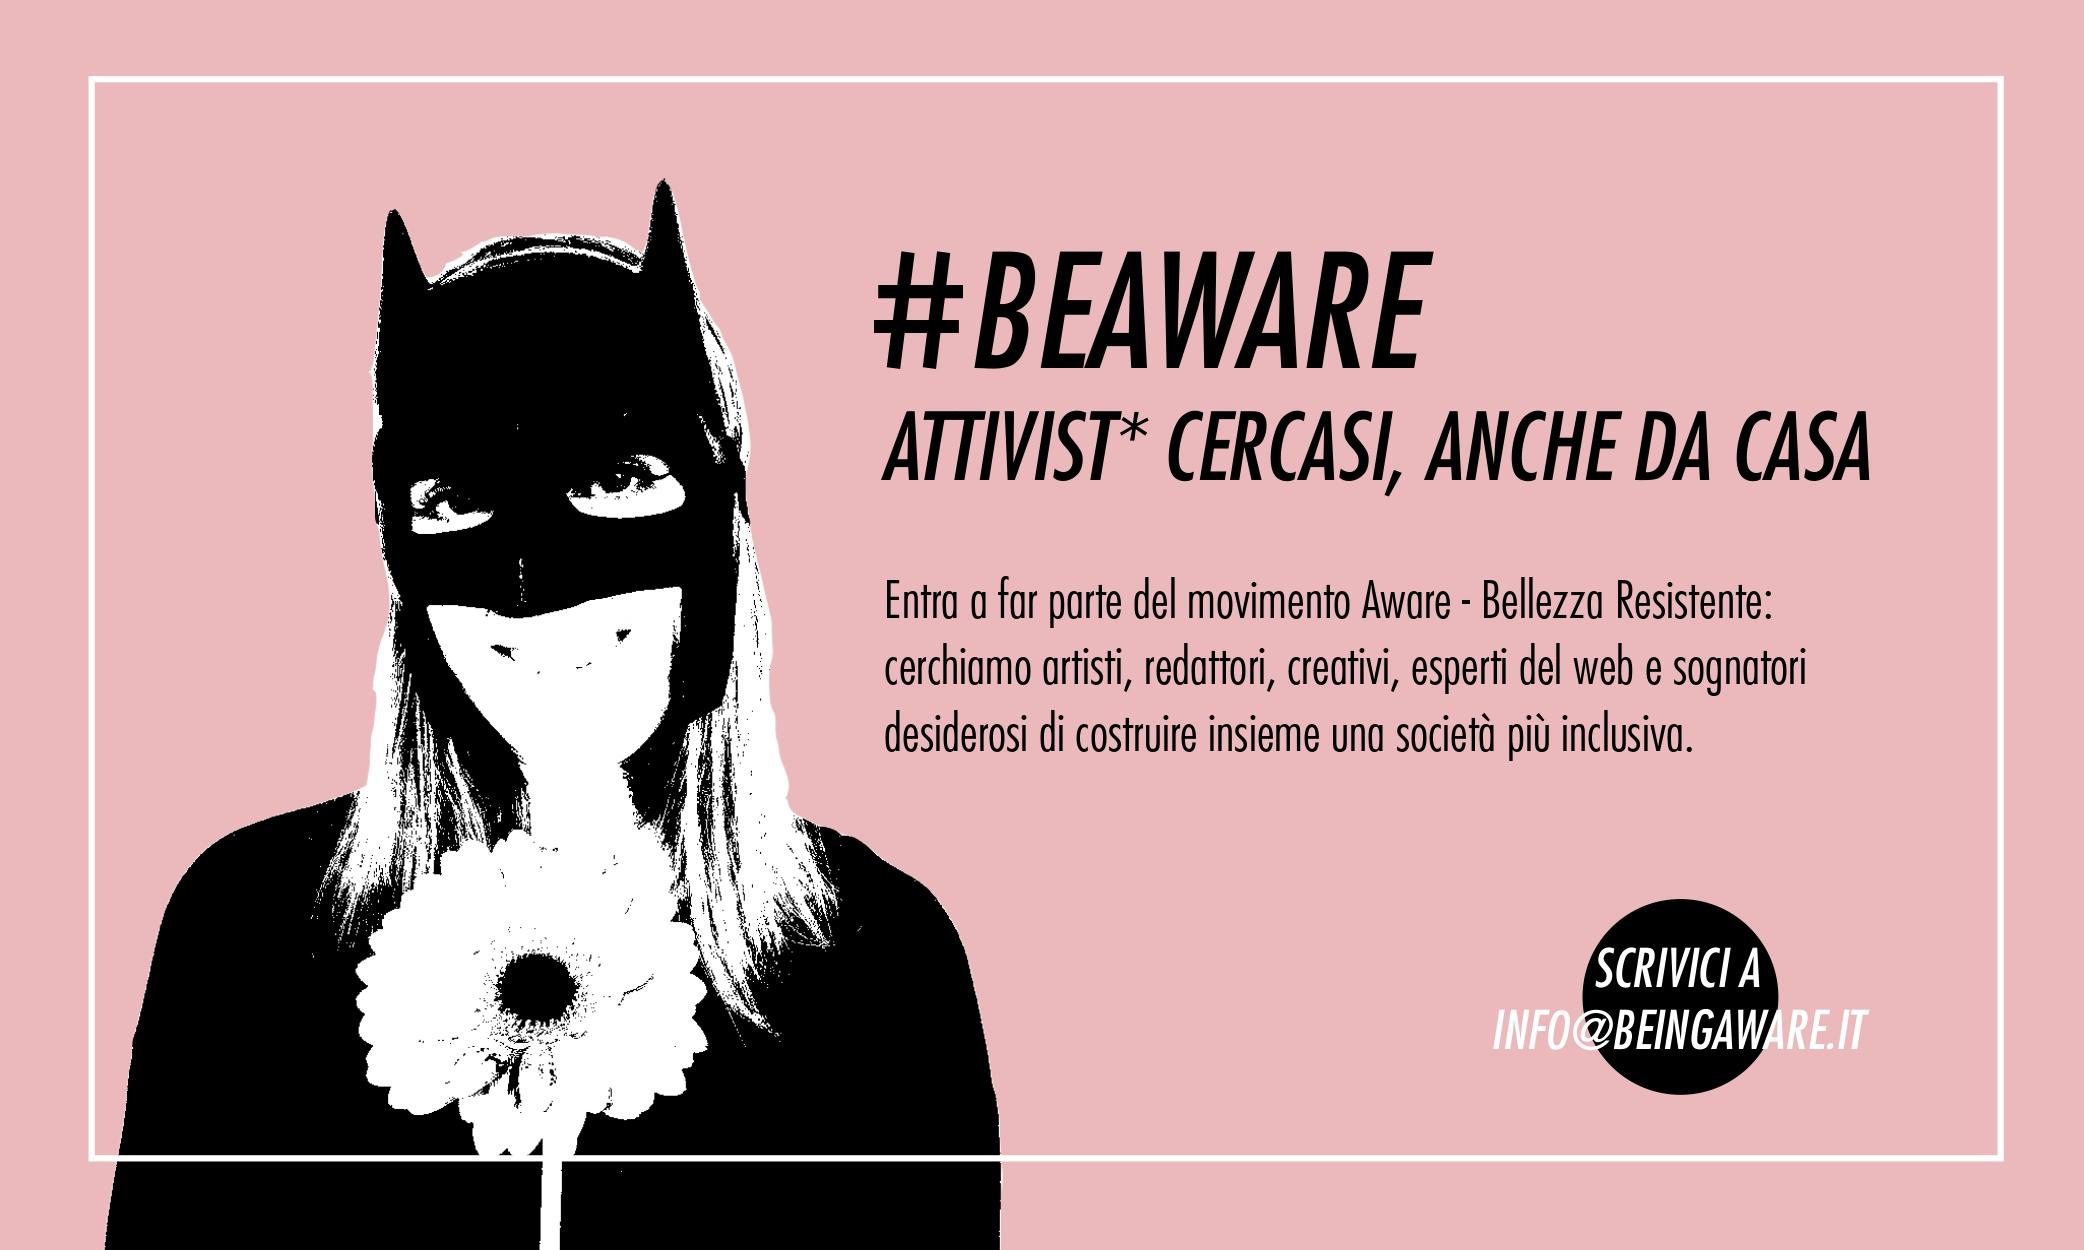 #BeAware: attivist* cercasi, anche da casa